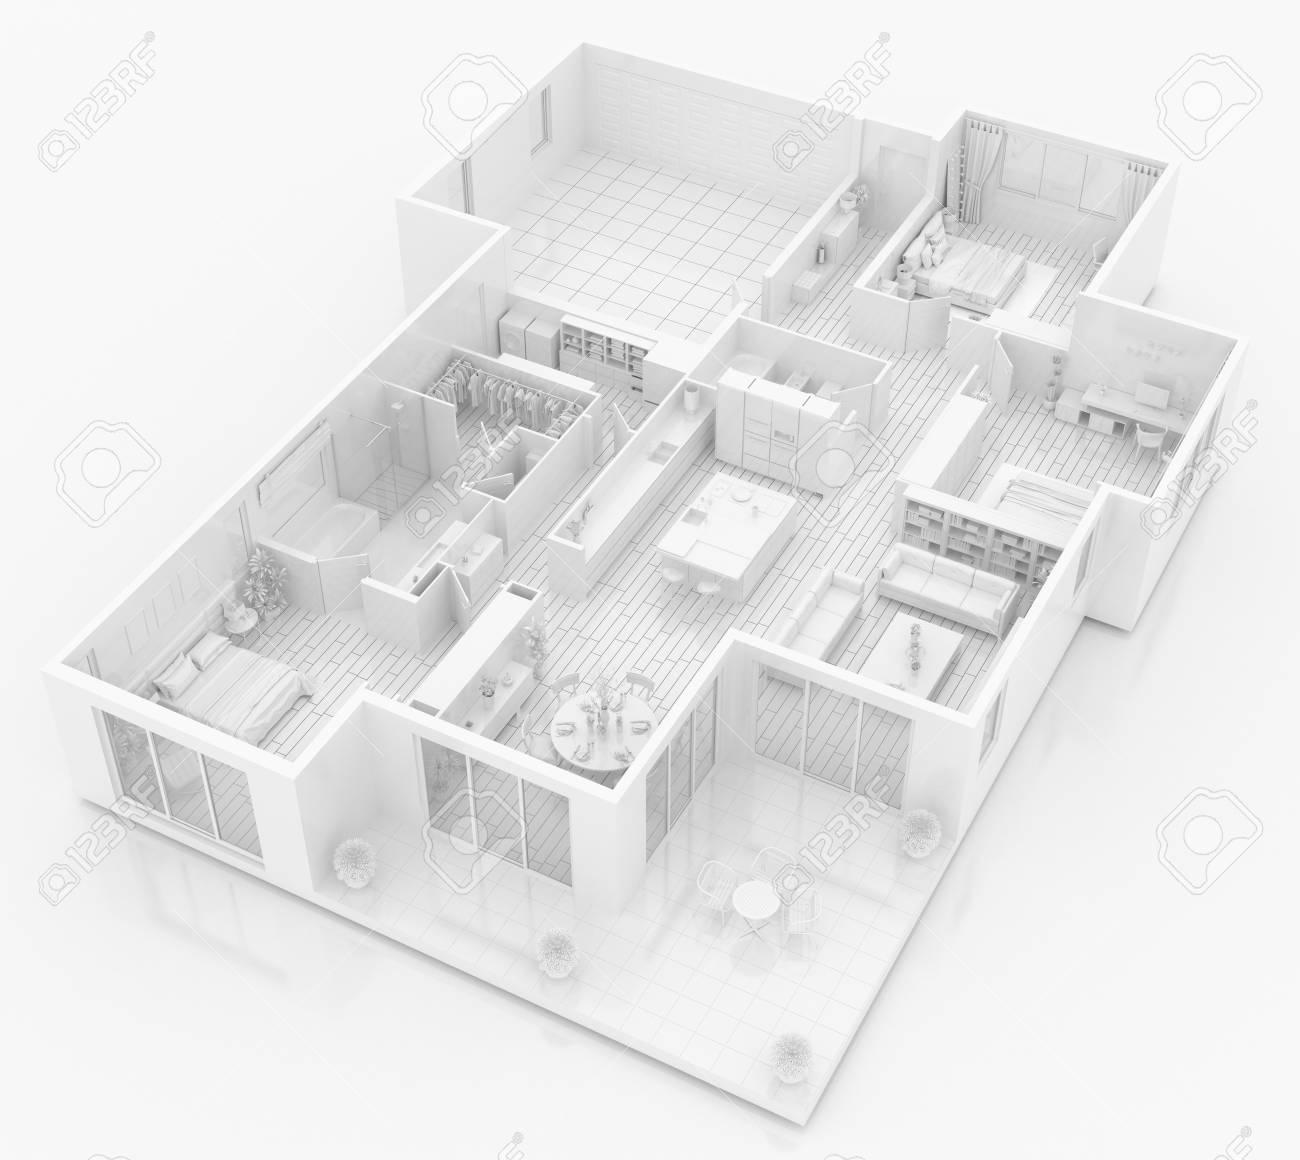 Maquette D'appartement Meublé, Modèle Papier encequiconcerne Meuble A Papier